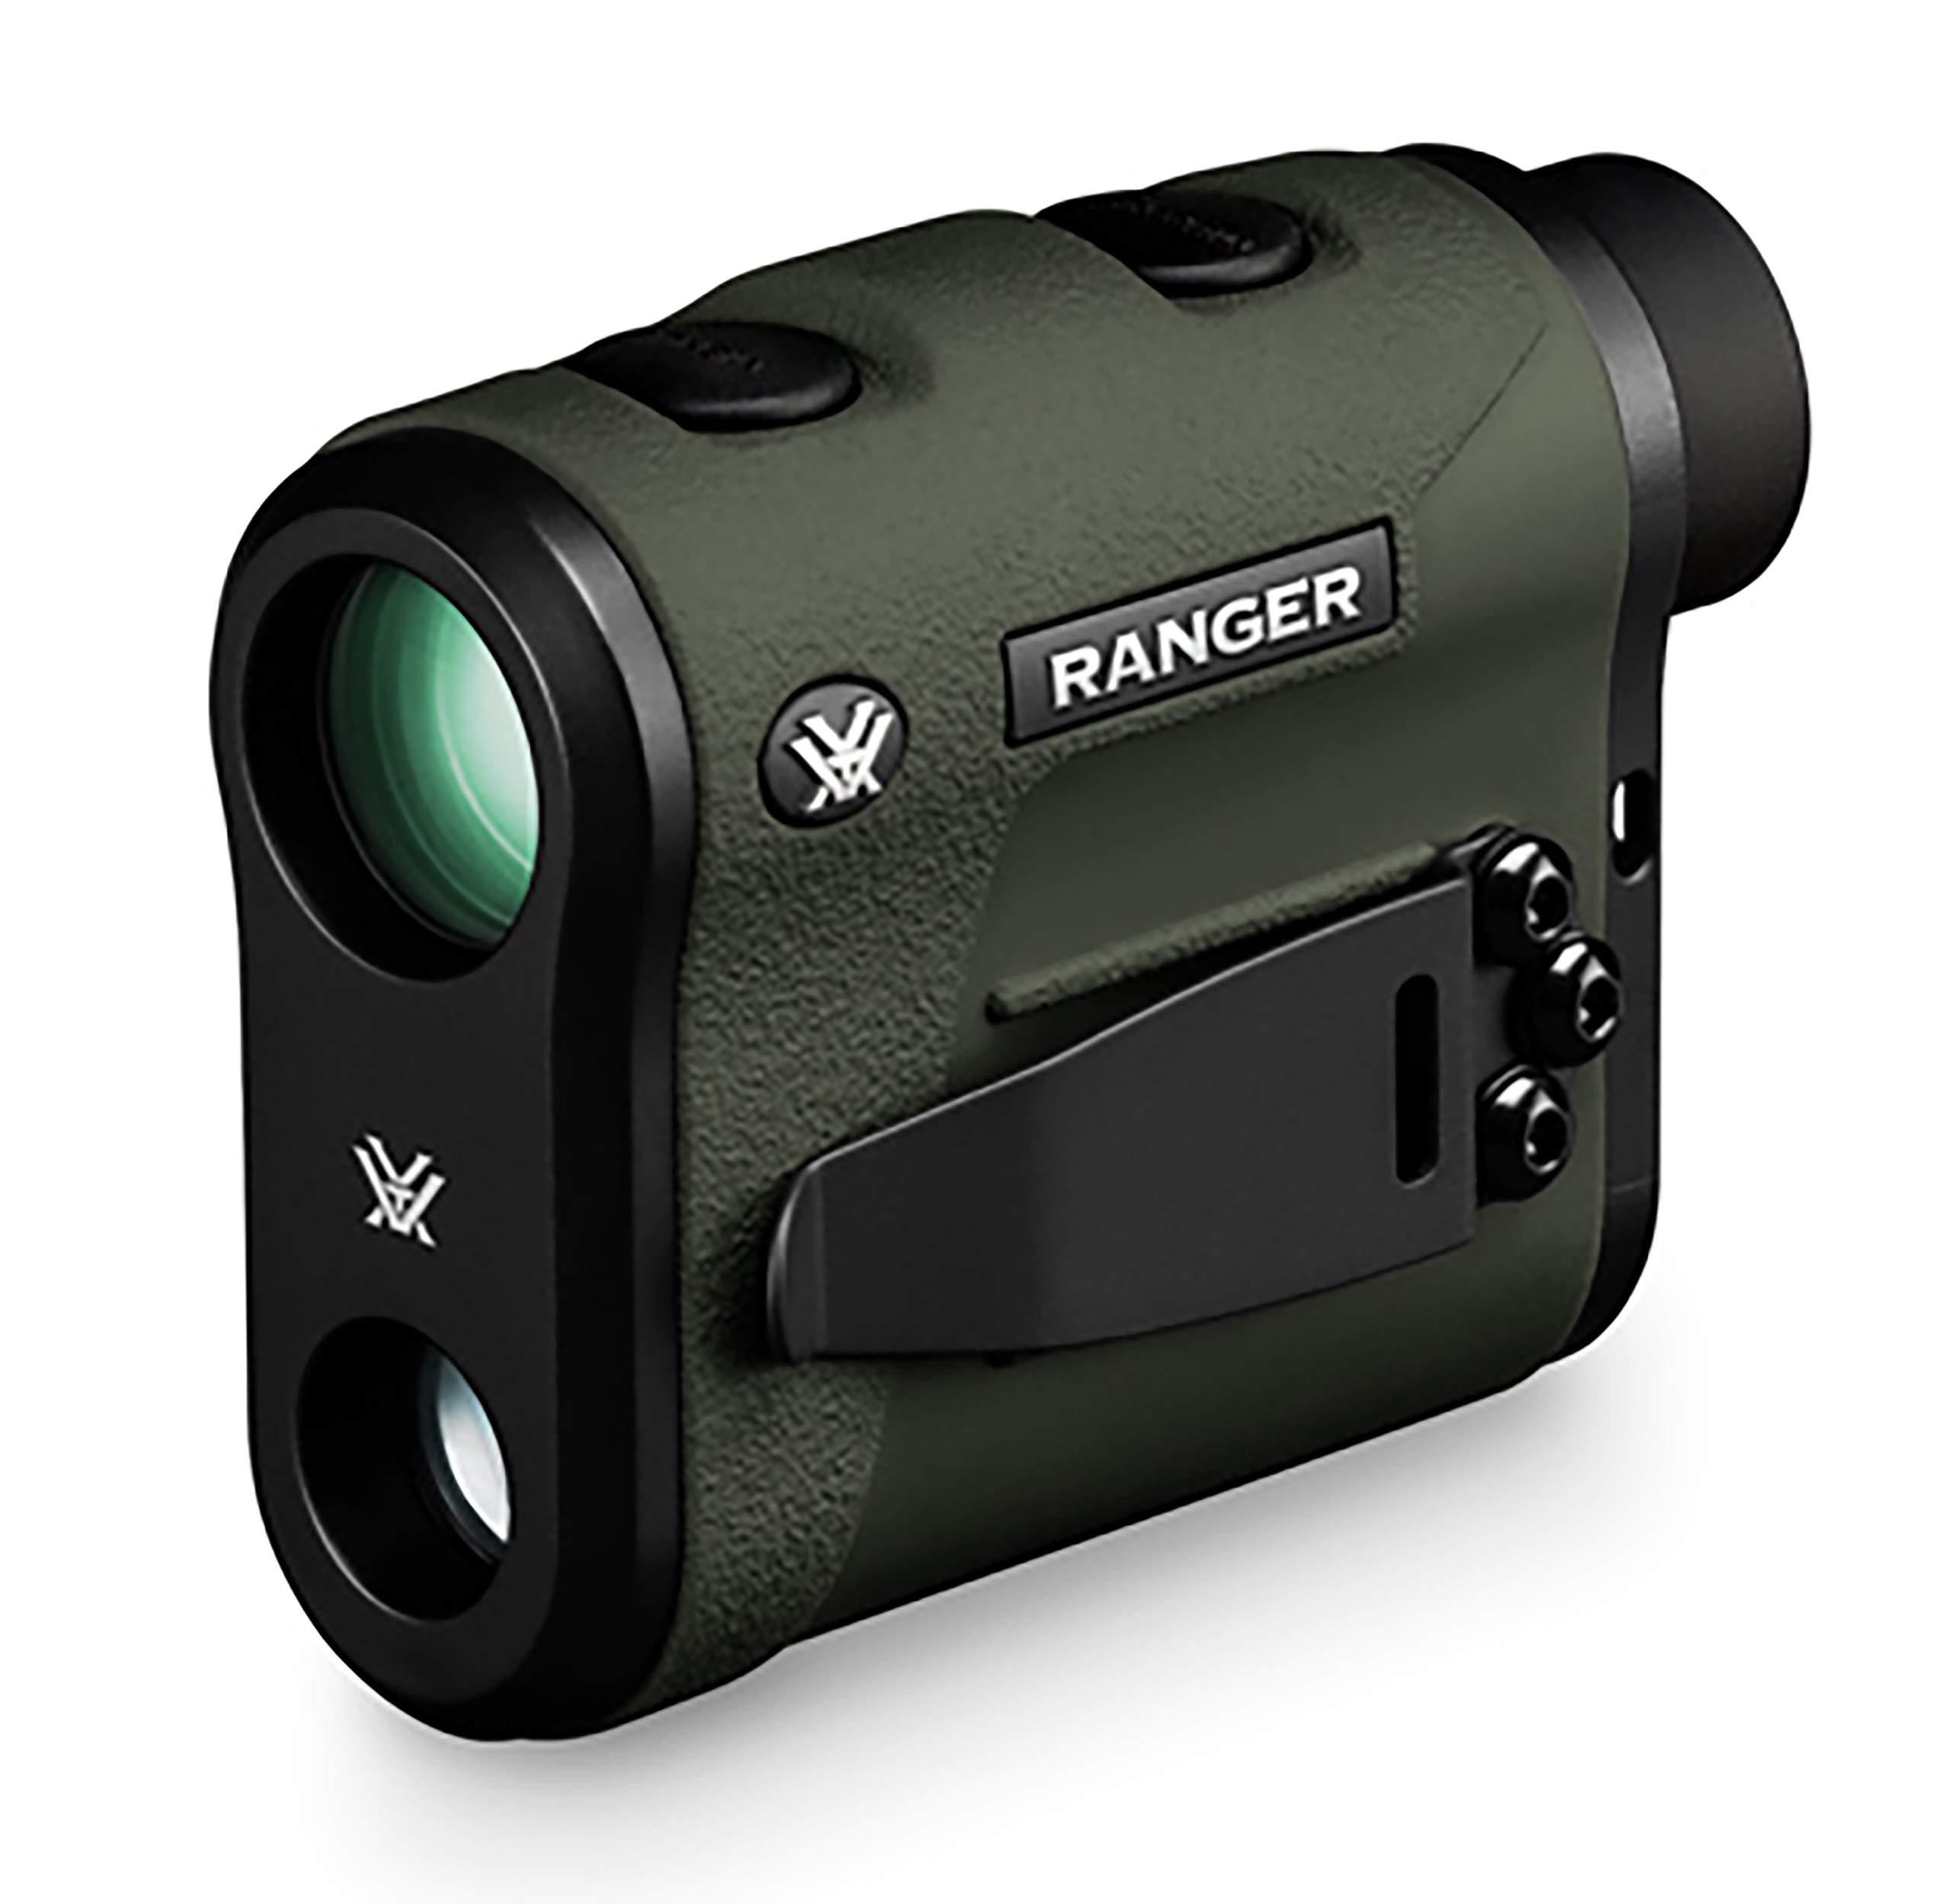 Vortex Optics Ranger 1800 Laser Rangefinder by Vortex Optics